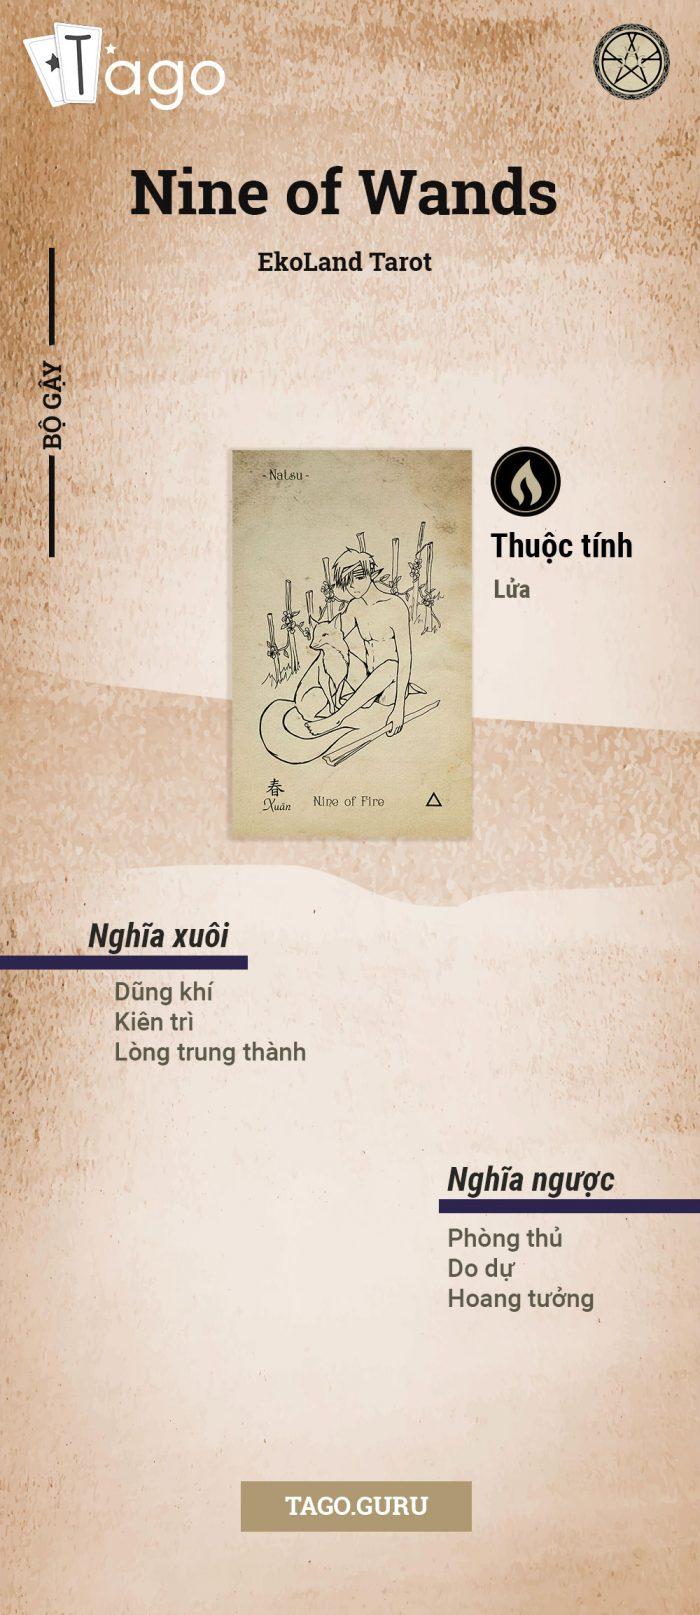 TAGO-Info-Bai-Tarot-Nine-of-wands